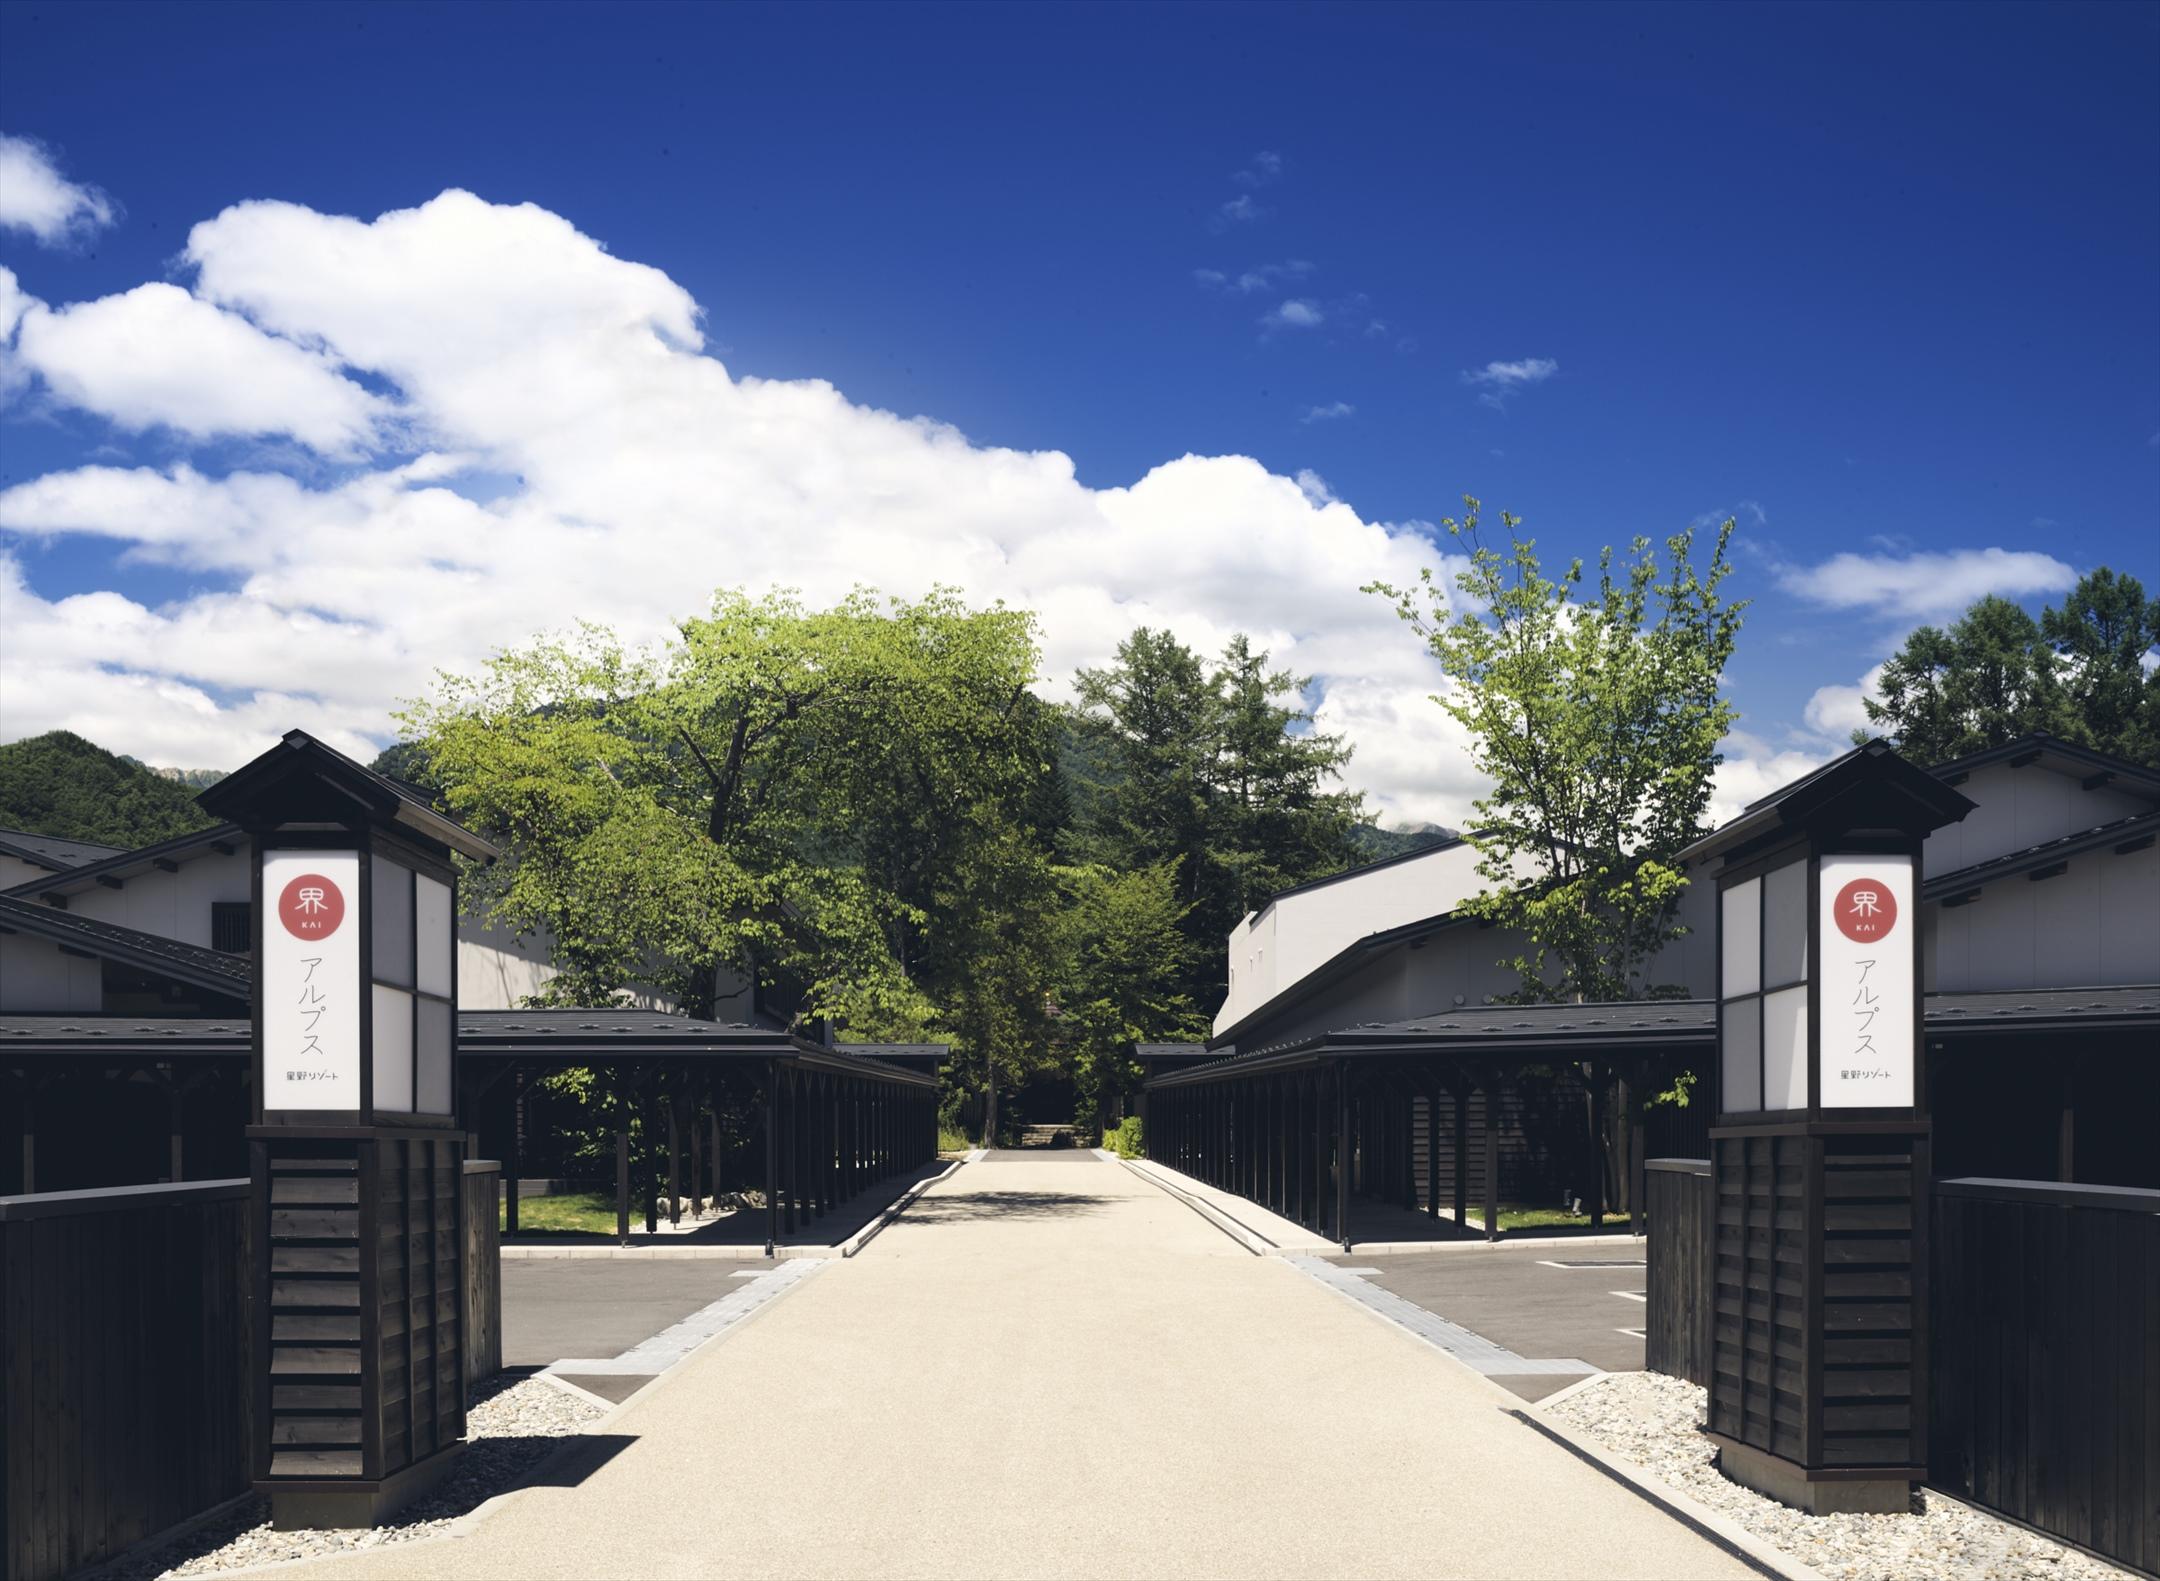 【星野リゾート 界】~夏休みは地元の温泉旅館で魅力を再発見、安心安全な旅~界の長野県内2施設「夏のマ...